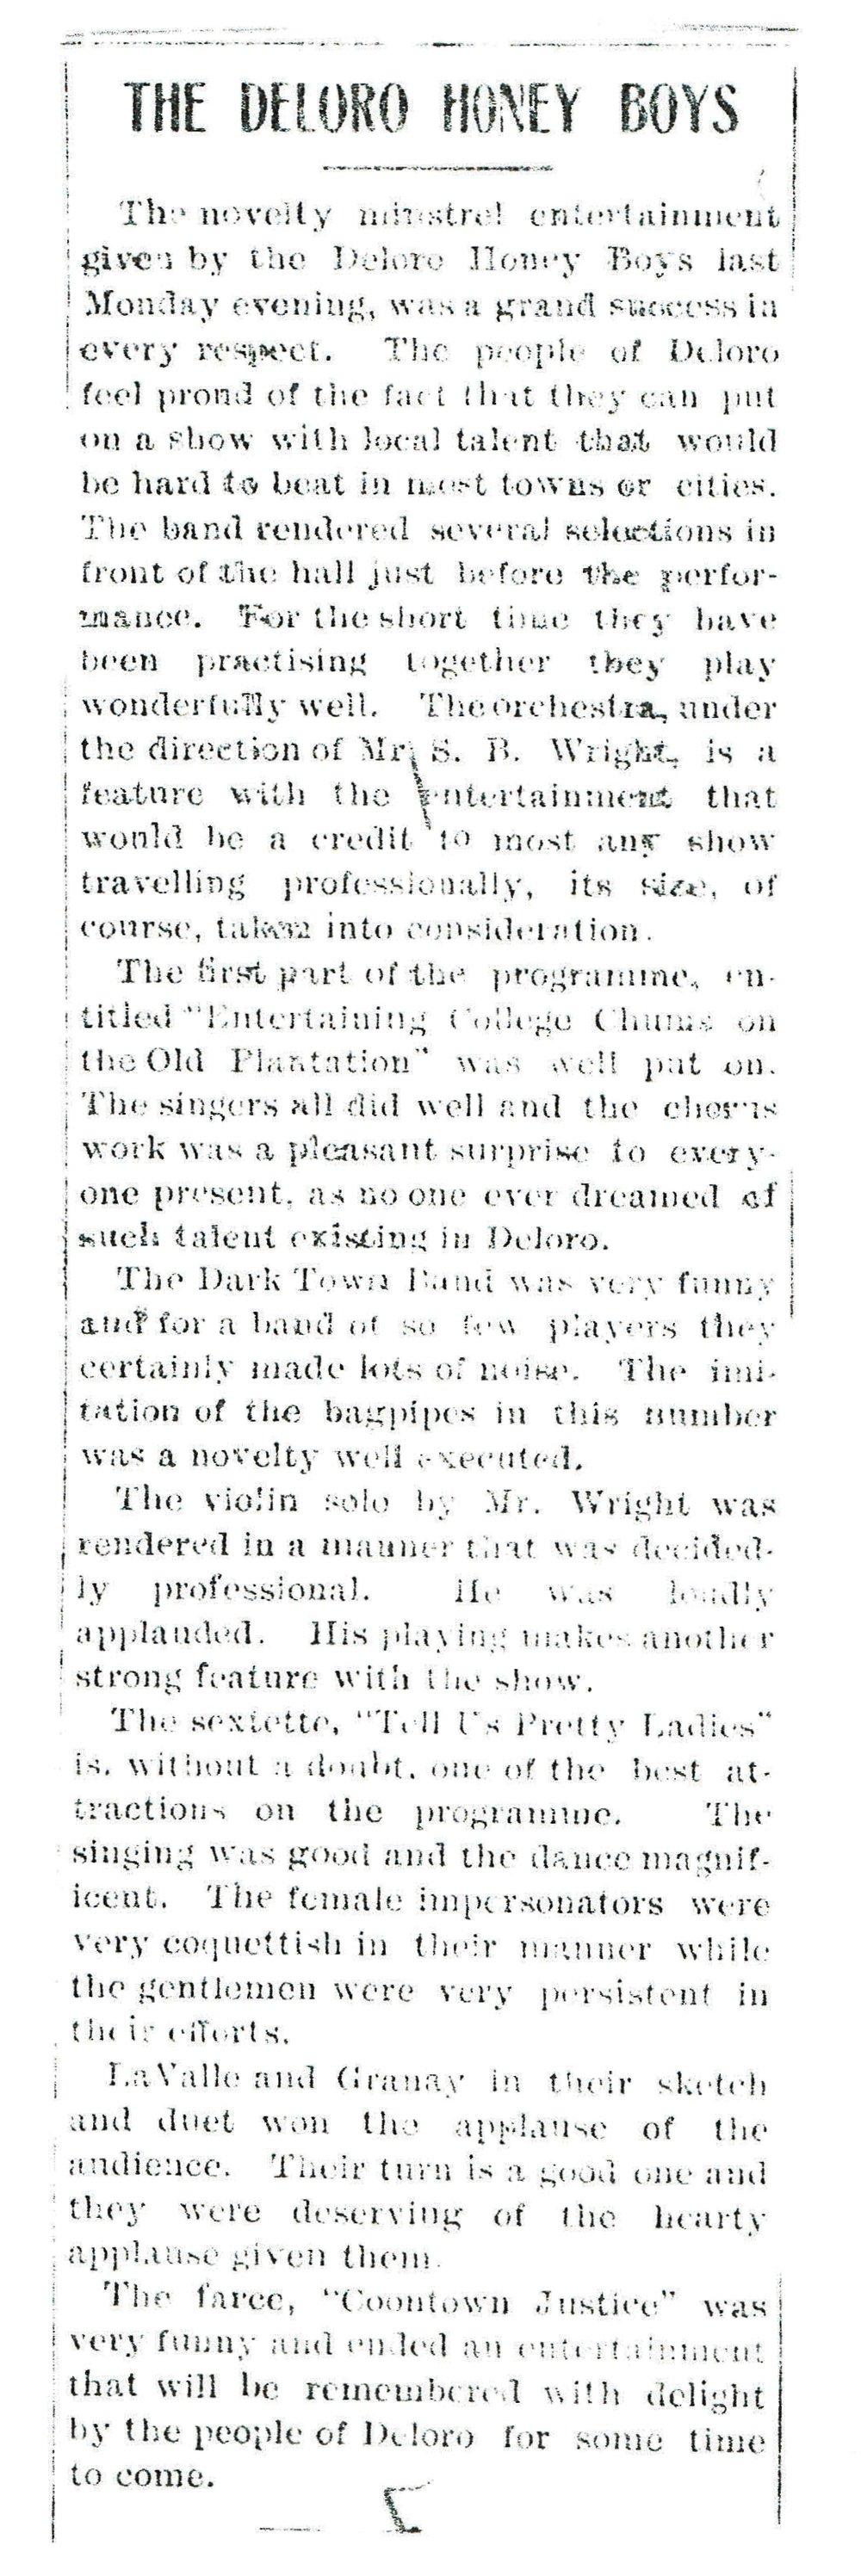 Honey Boys entertainment Deloro May 20, 1909